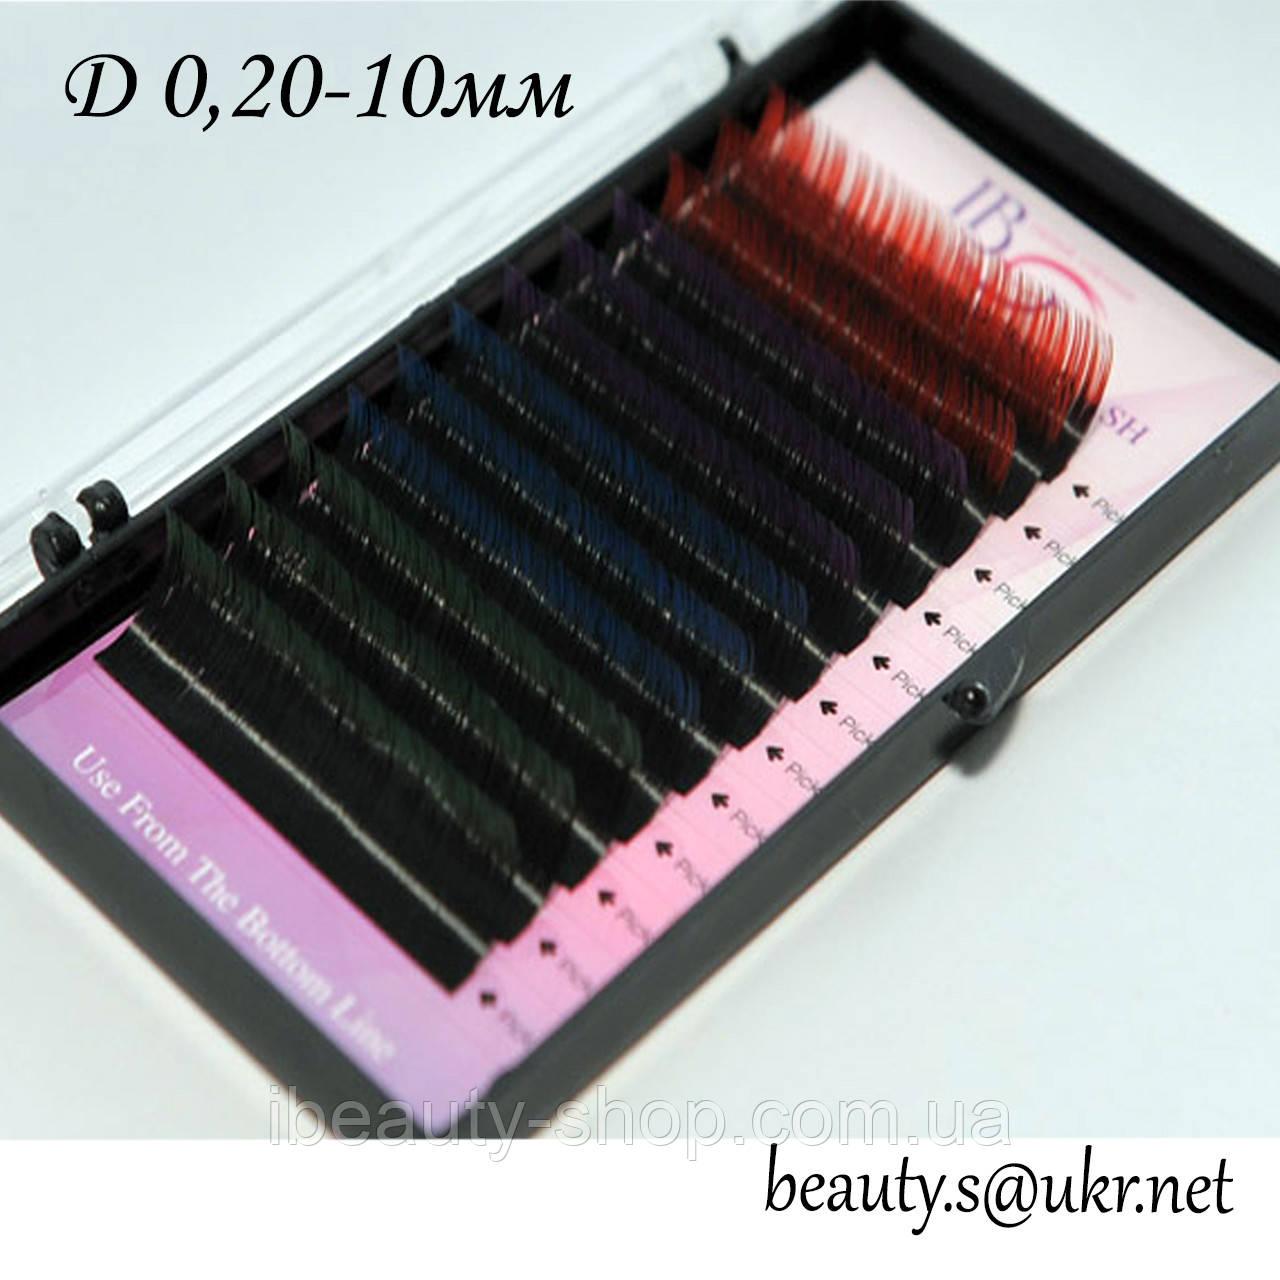 Ресницы I-Beauty, Д 0,20-10мм,цветные концы,4 цвета